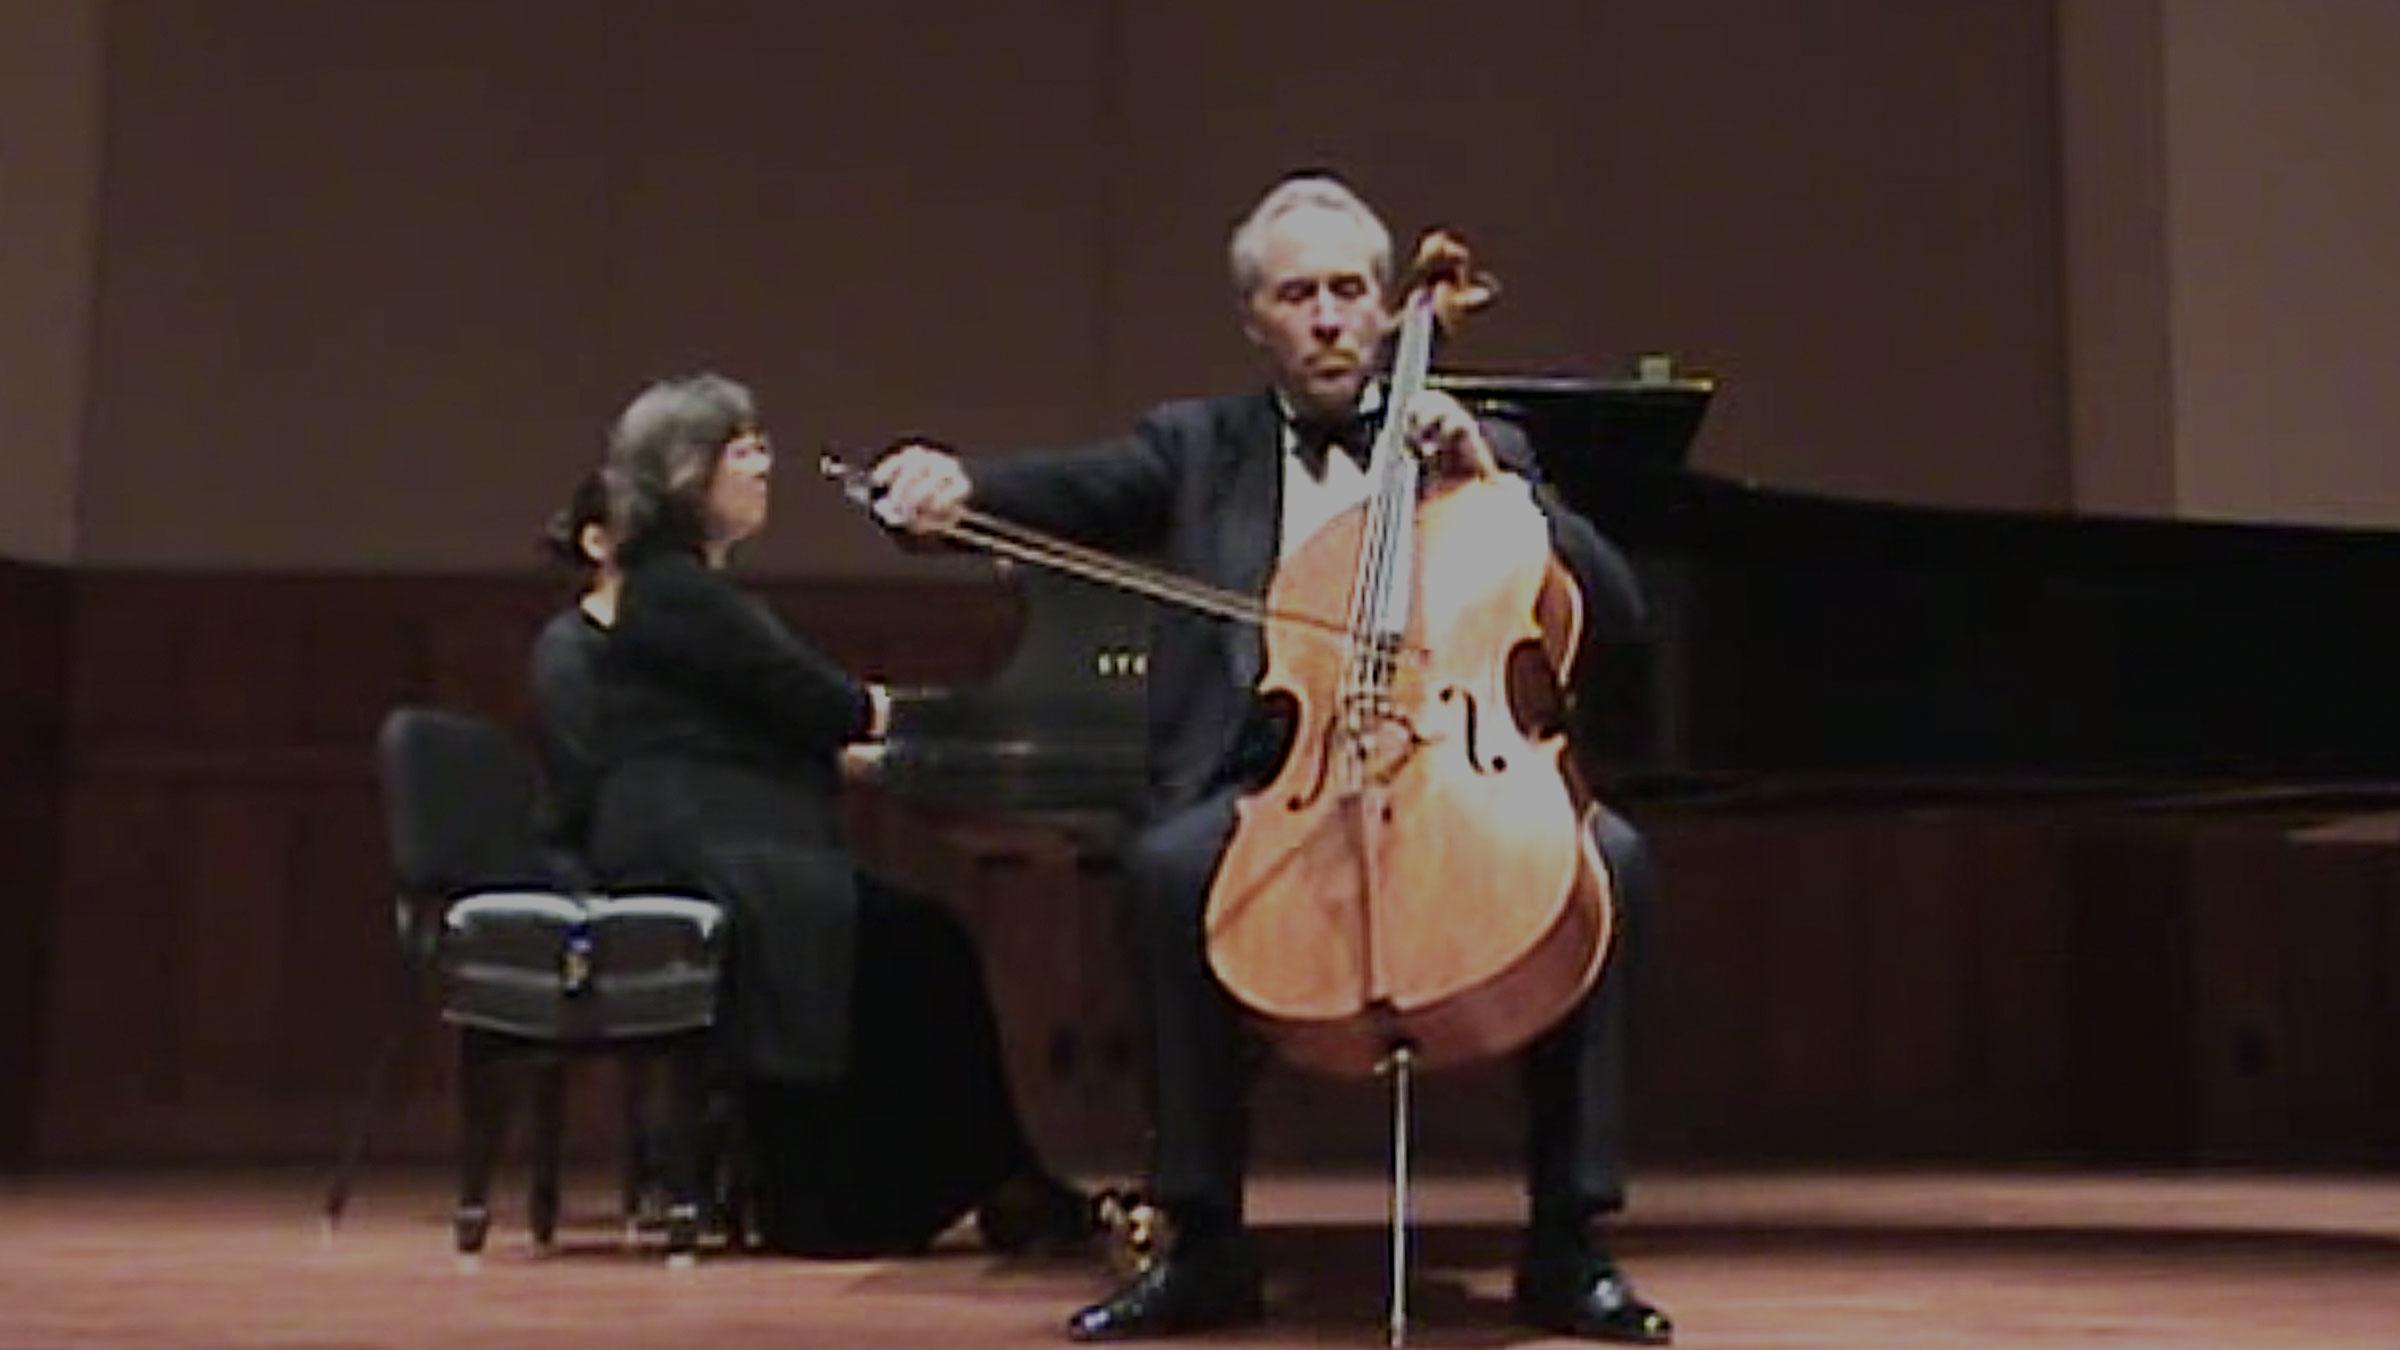 Cellist Nathaniel Rosen Plays Chopin Nocturne